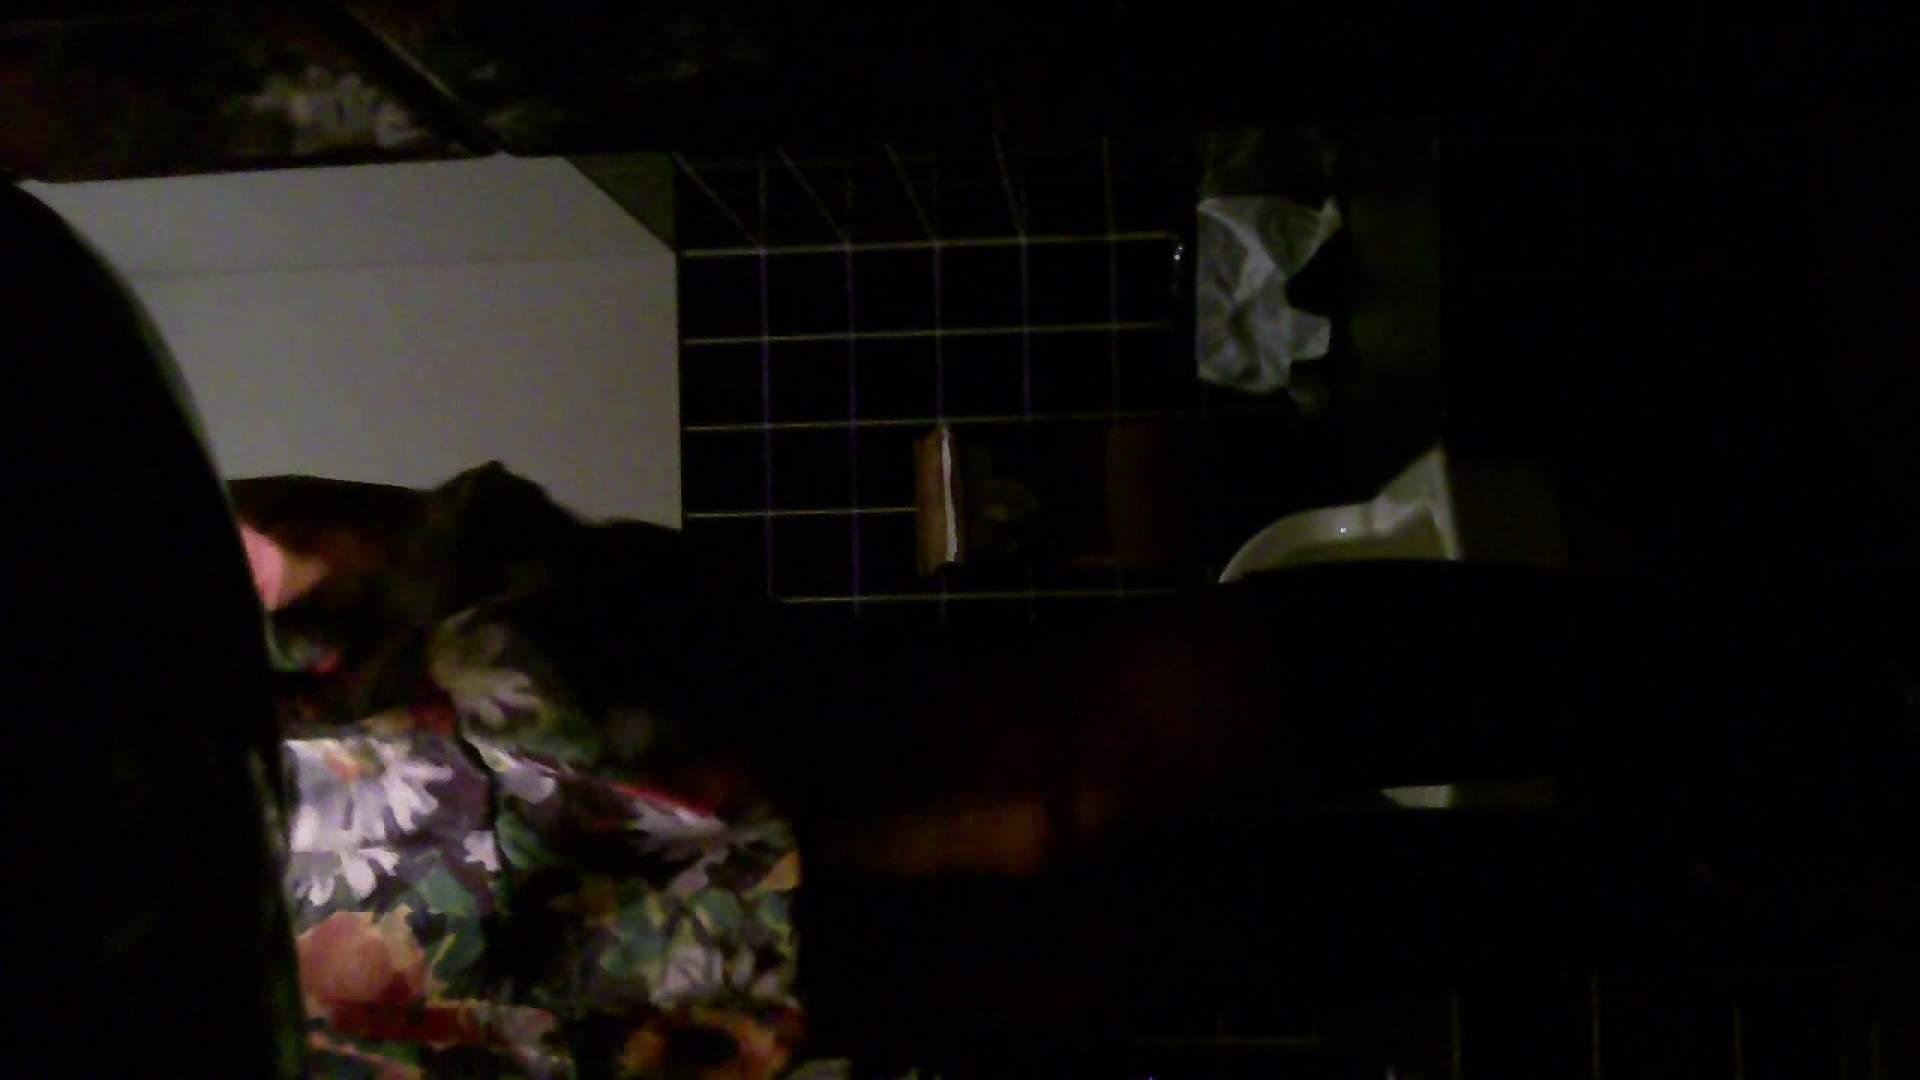 美女の集まる飲み屋洗面所 vol.04 洗面所 | 美女OL  109連発 86